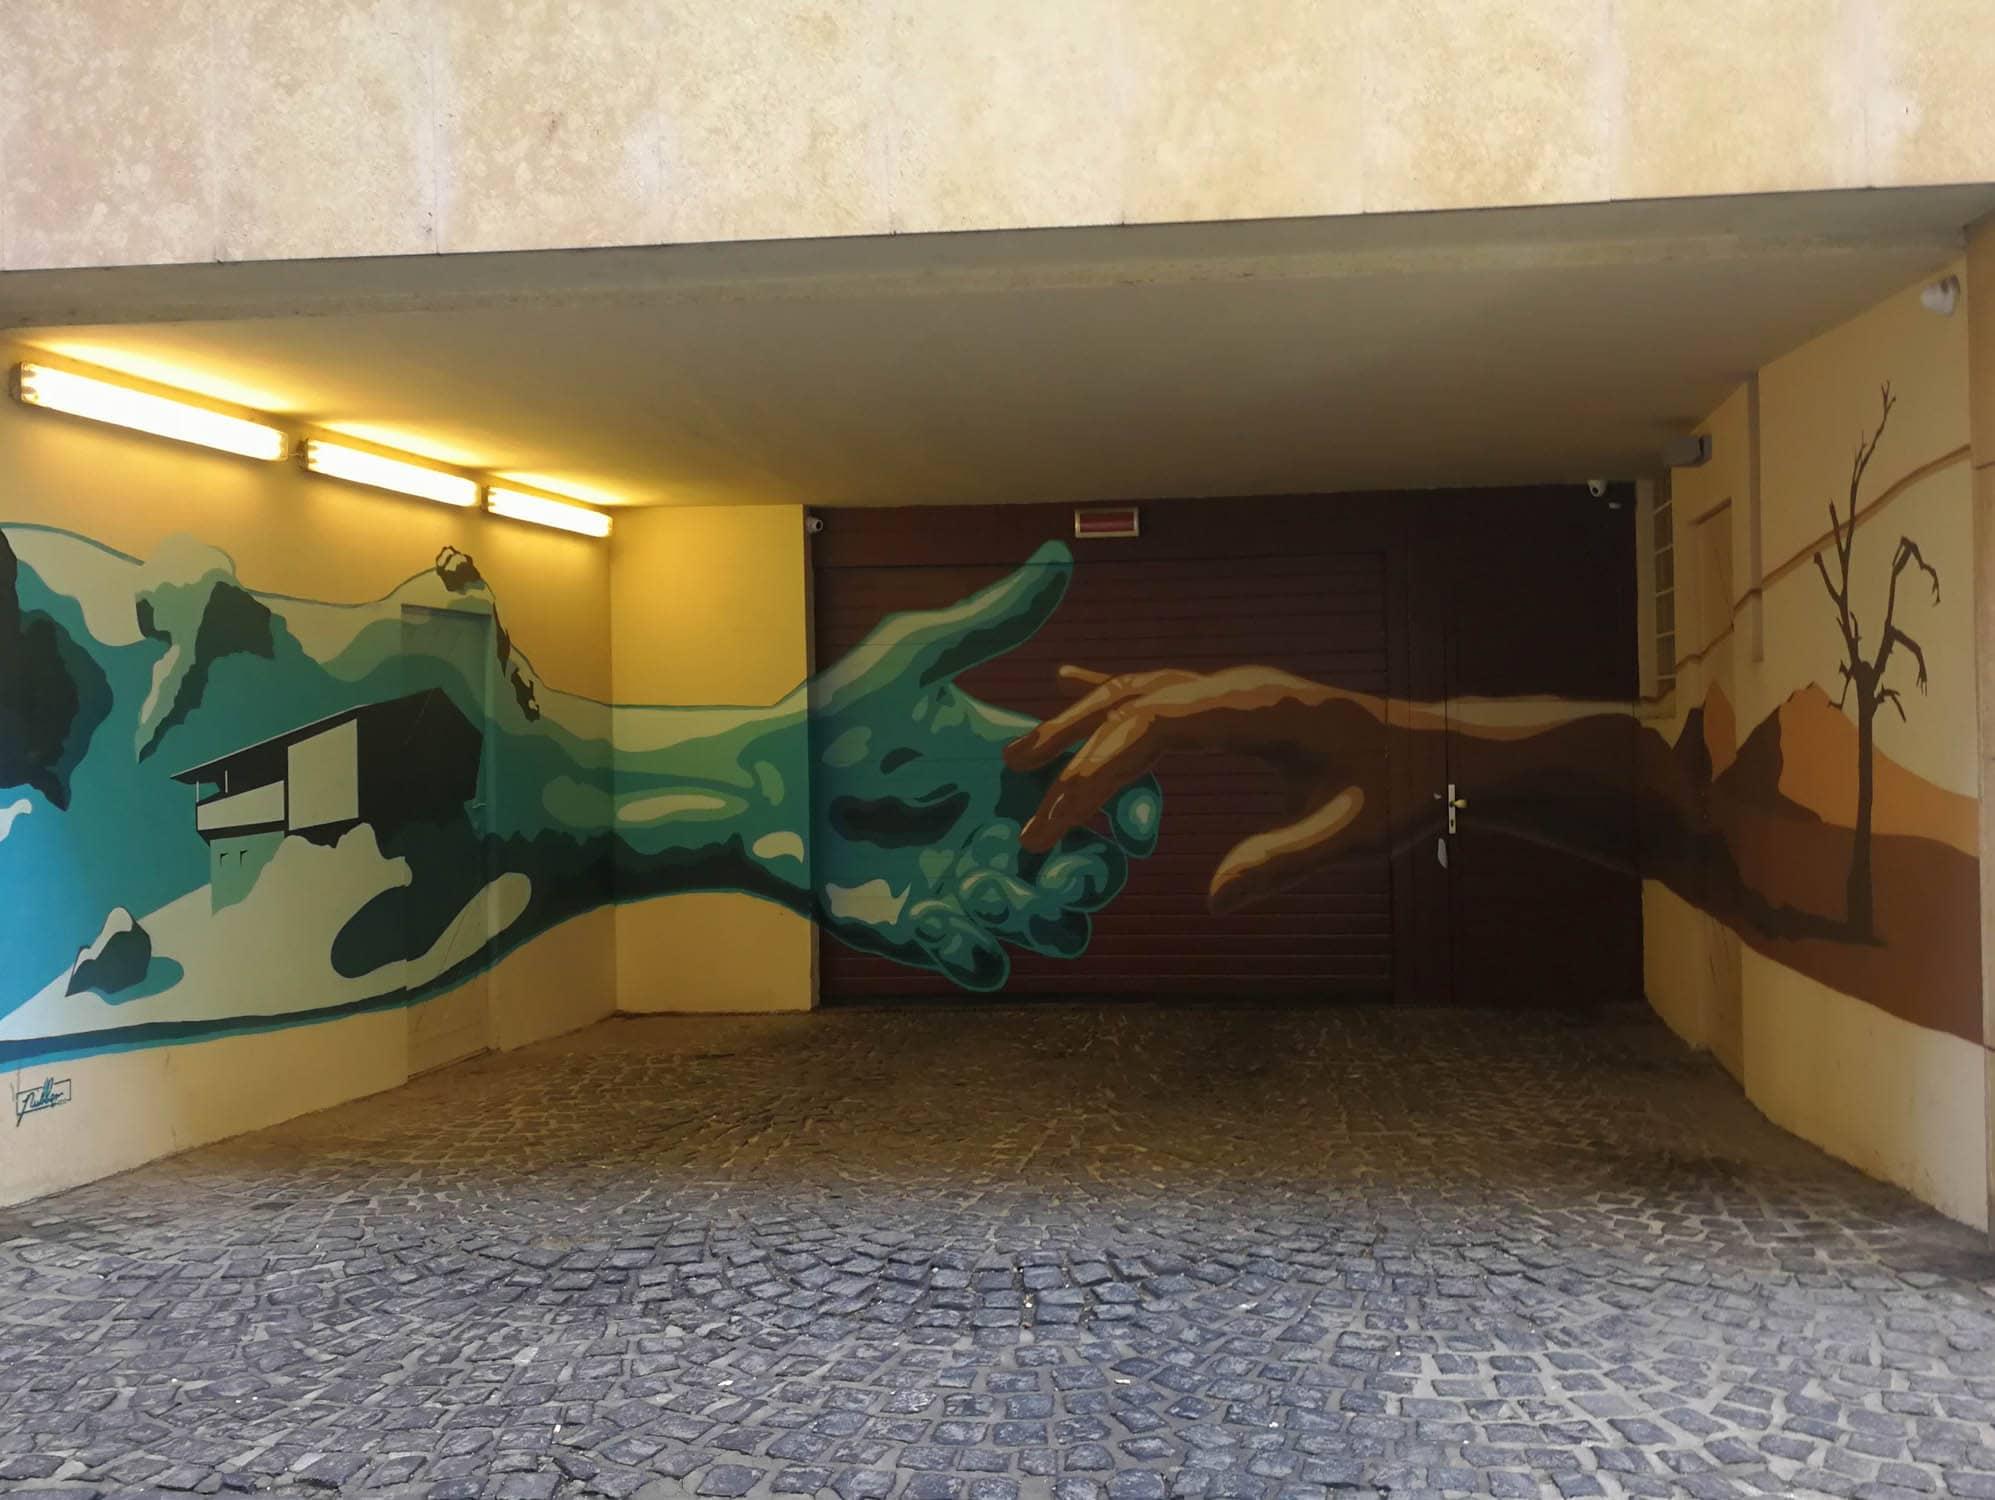 murale budapeszt